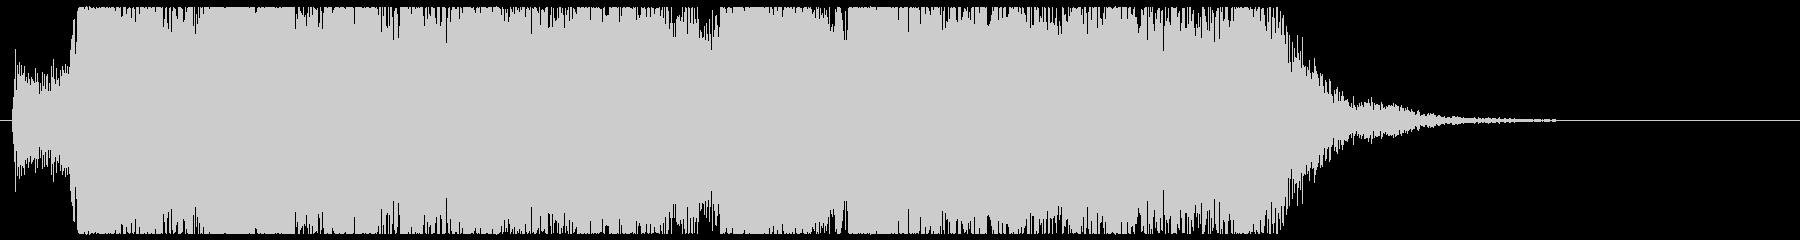 オープニングタイトル(バラエティ等)の未再生の波形